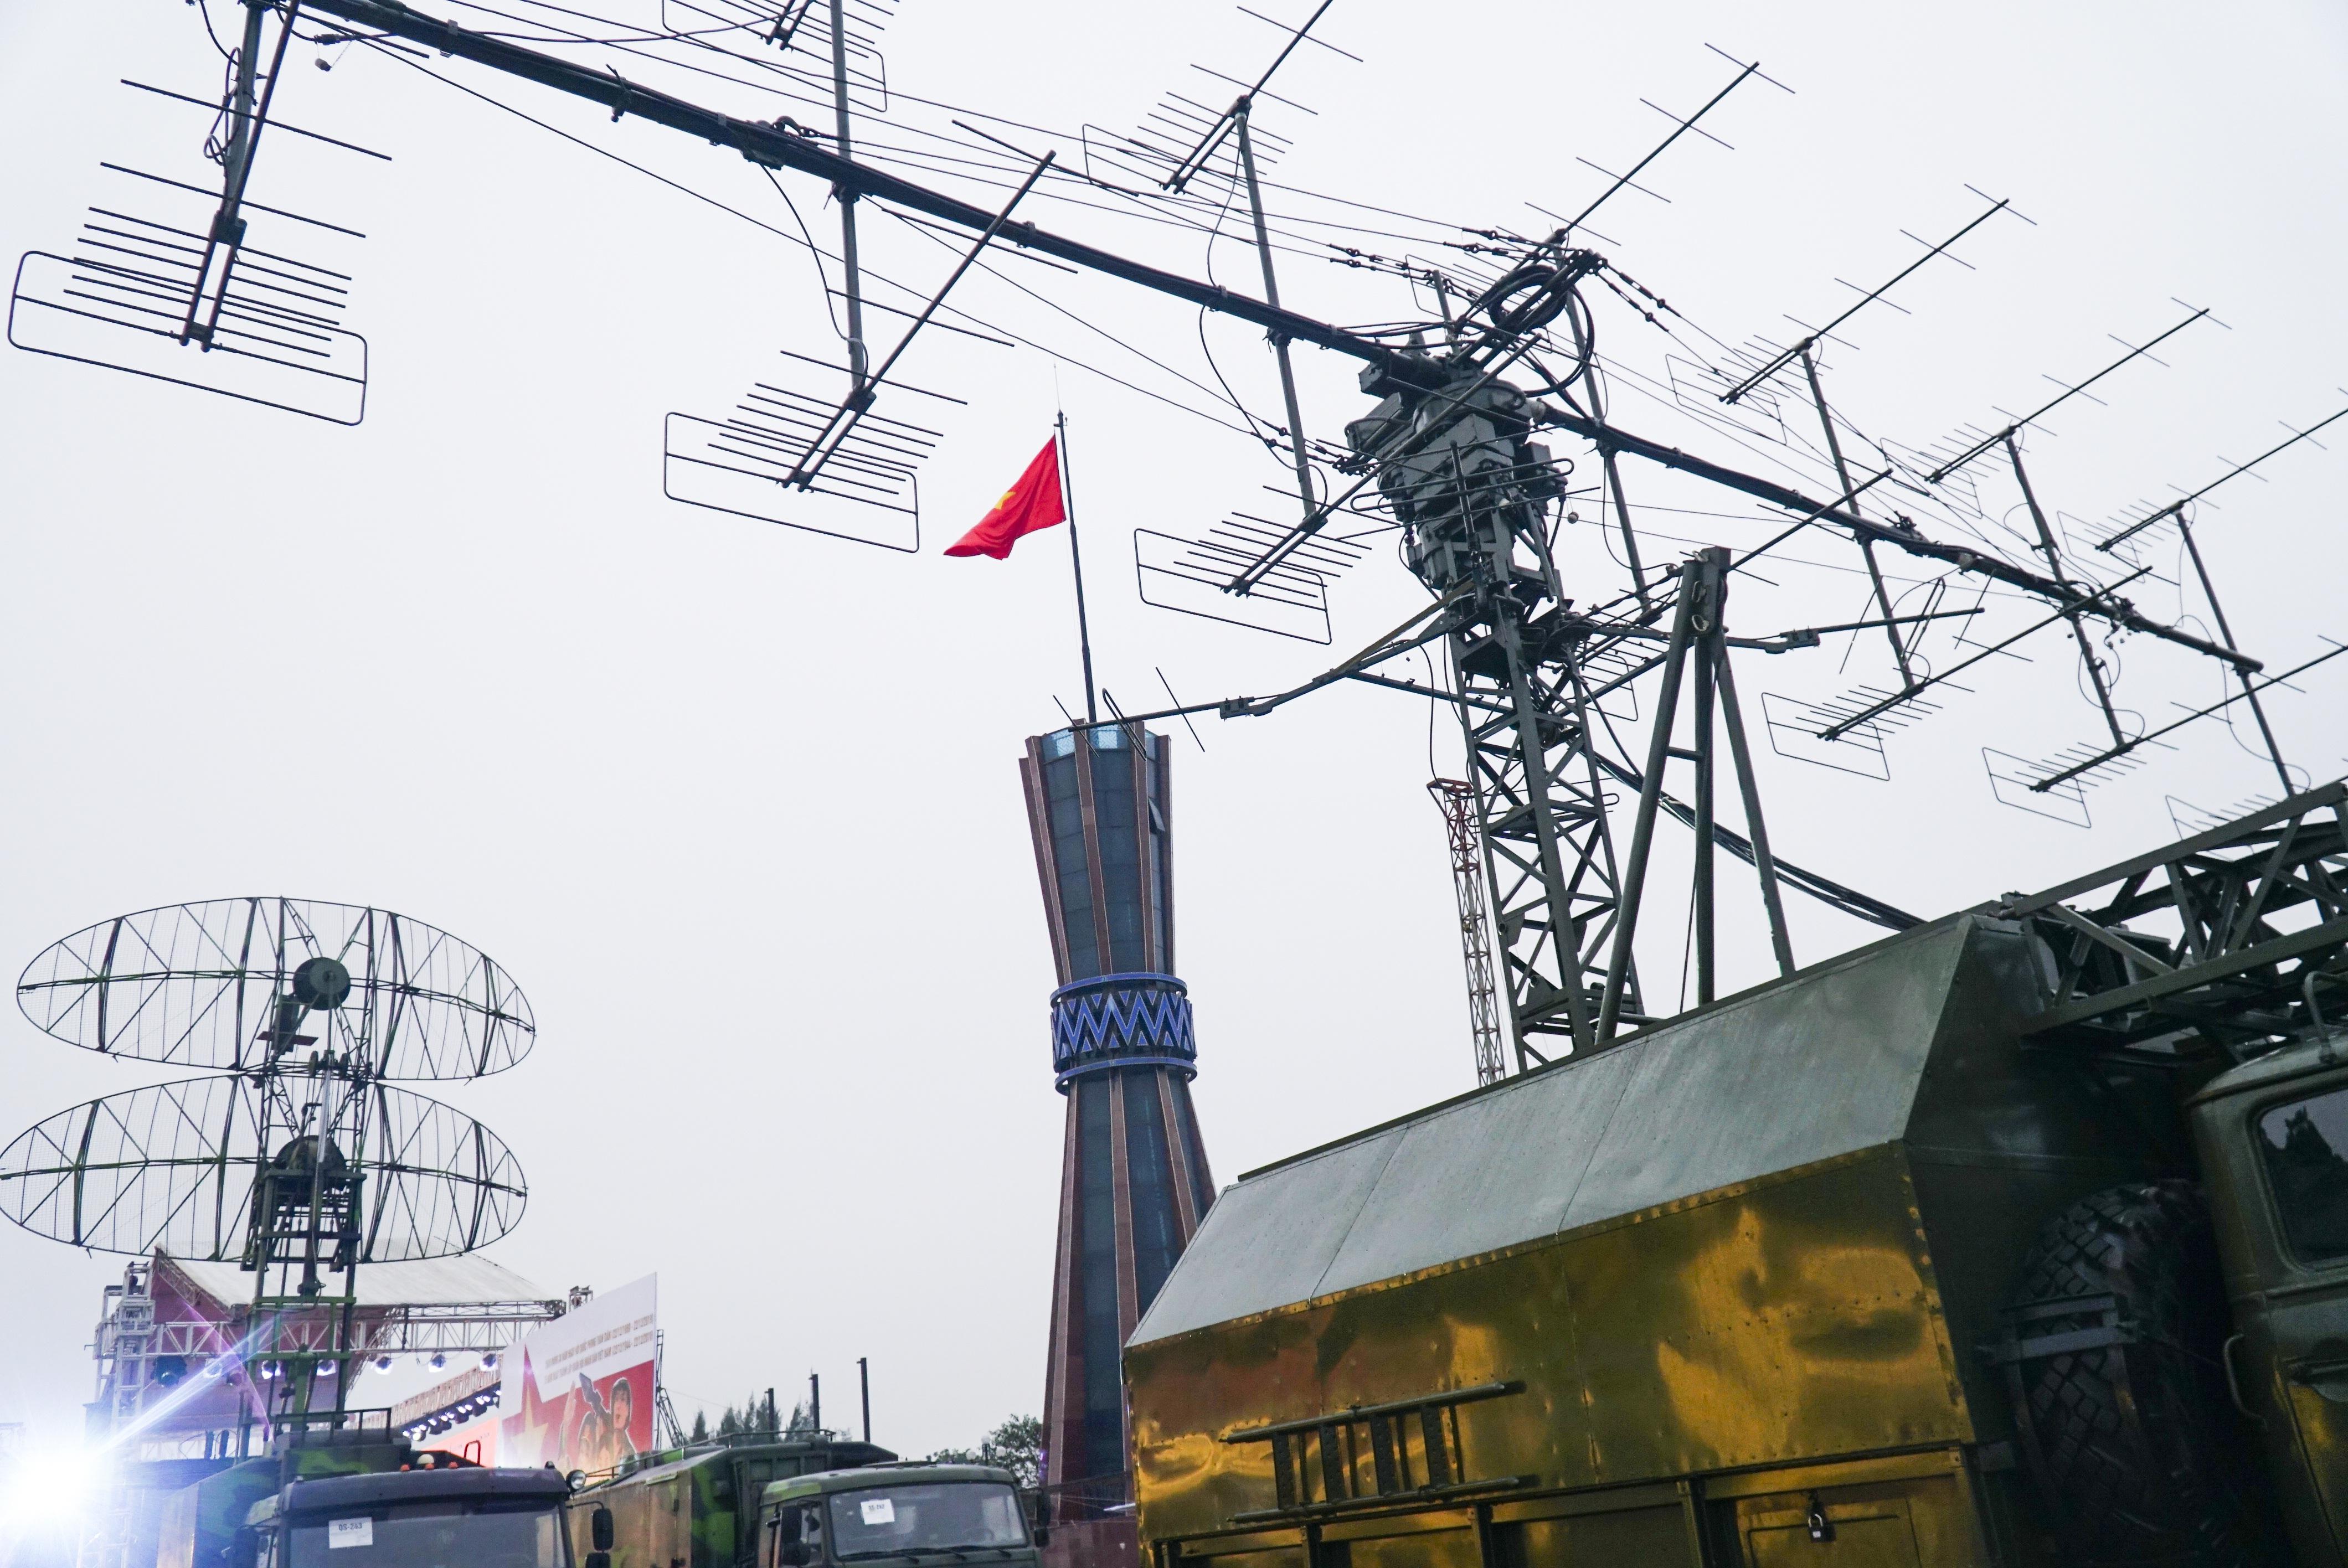 Cận cảnh dàn radar chống mục tiêu tàng hình tối tân của Quân đội Nhân dân Việt Nam - 9